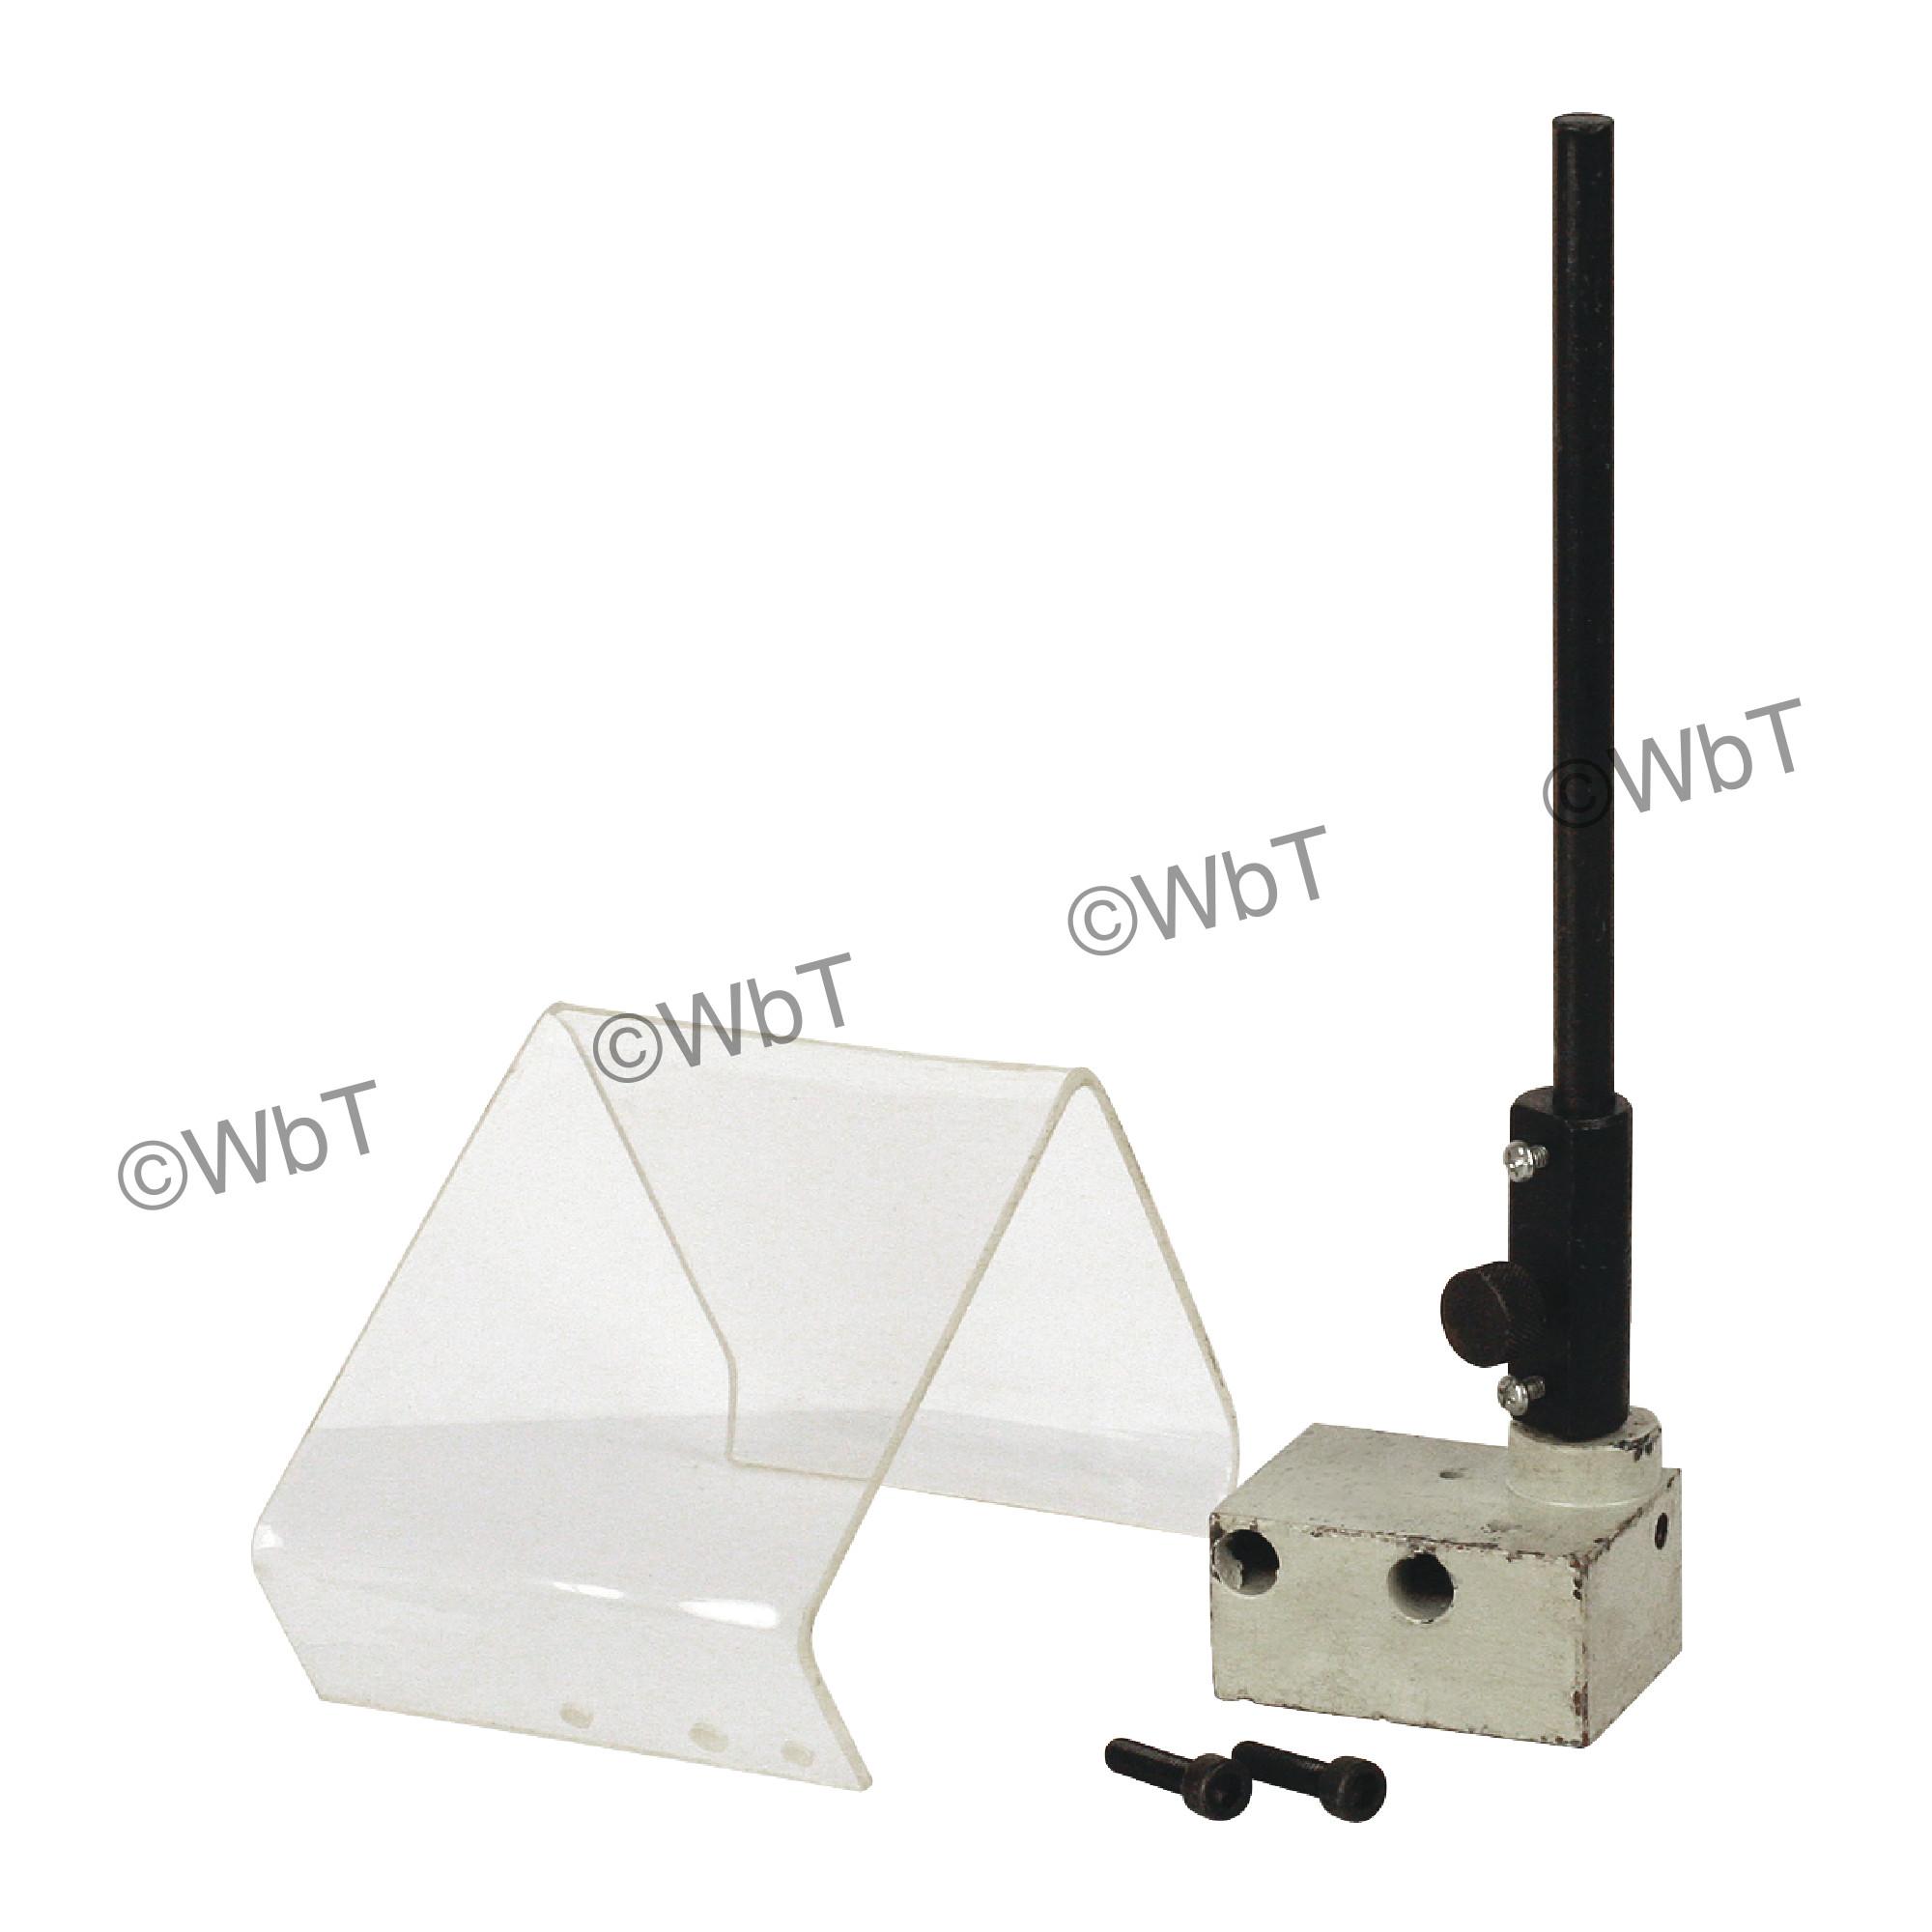 Drill Unit Cover for OT25531 Combination Lathe